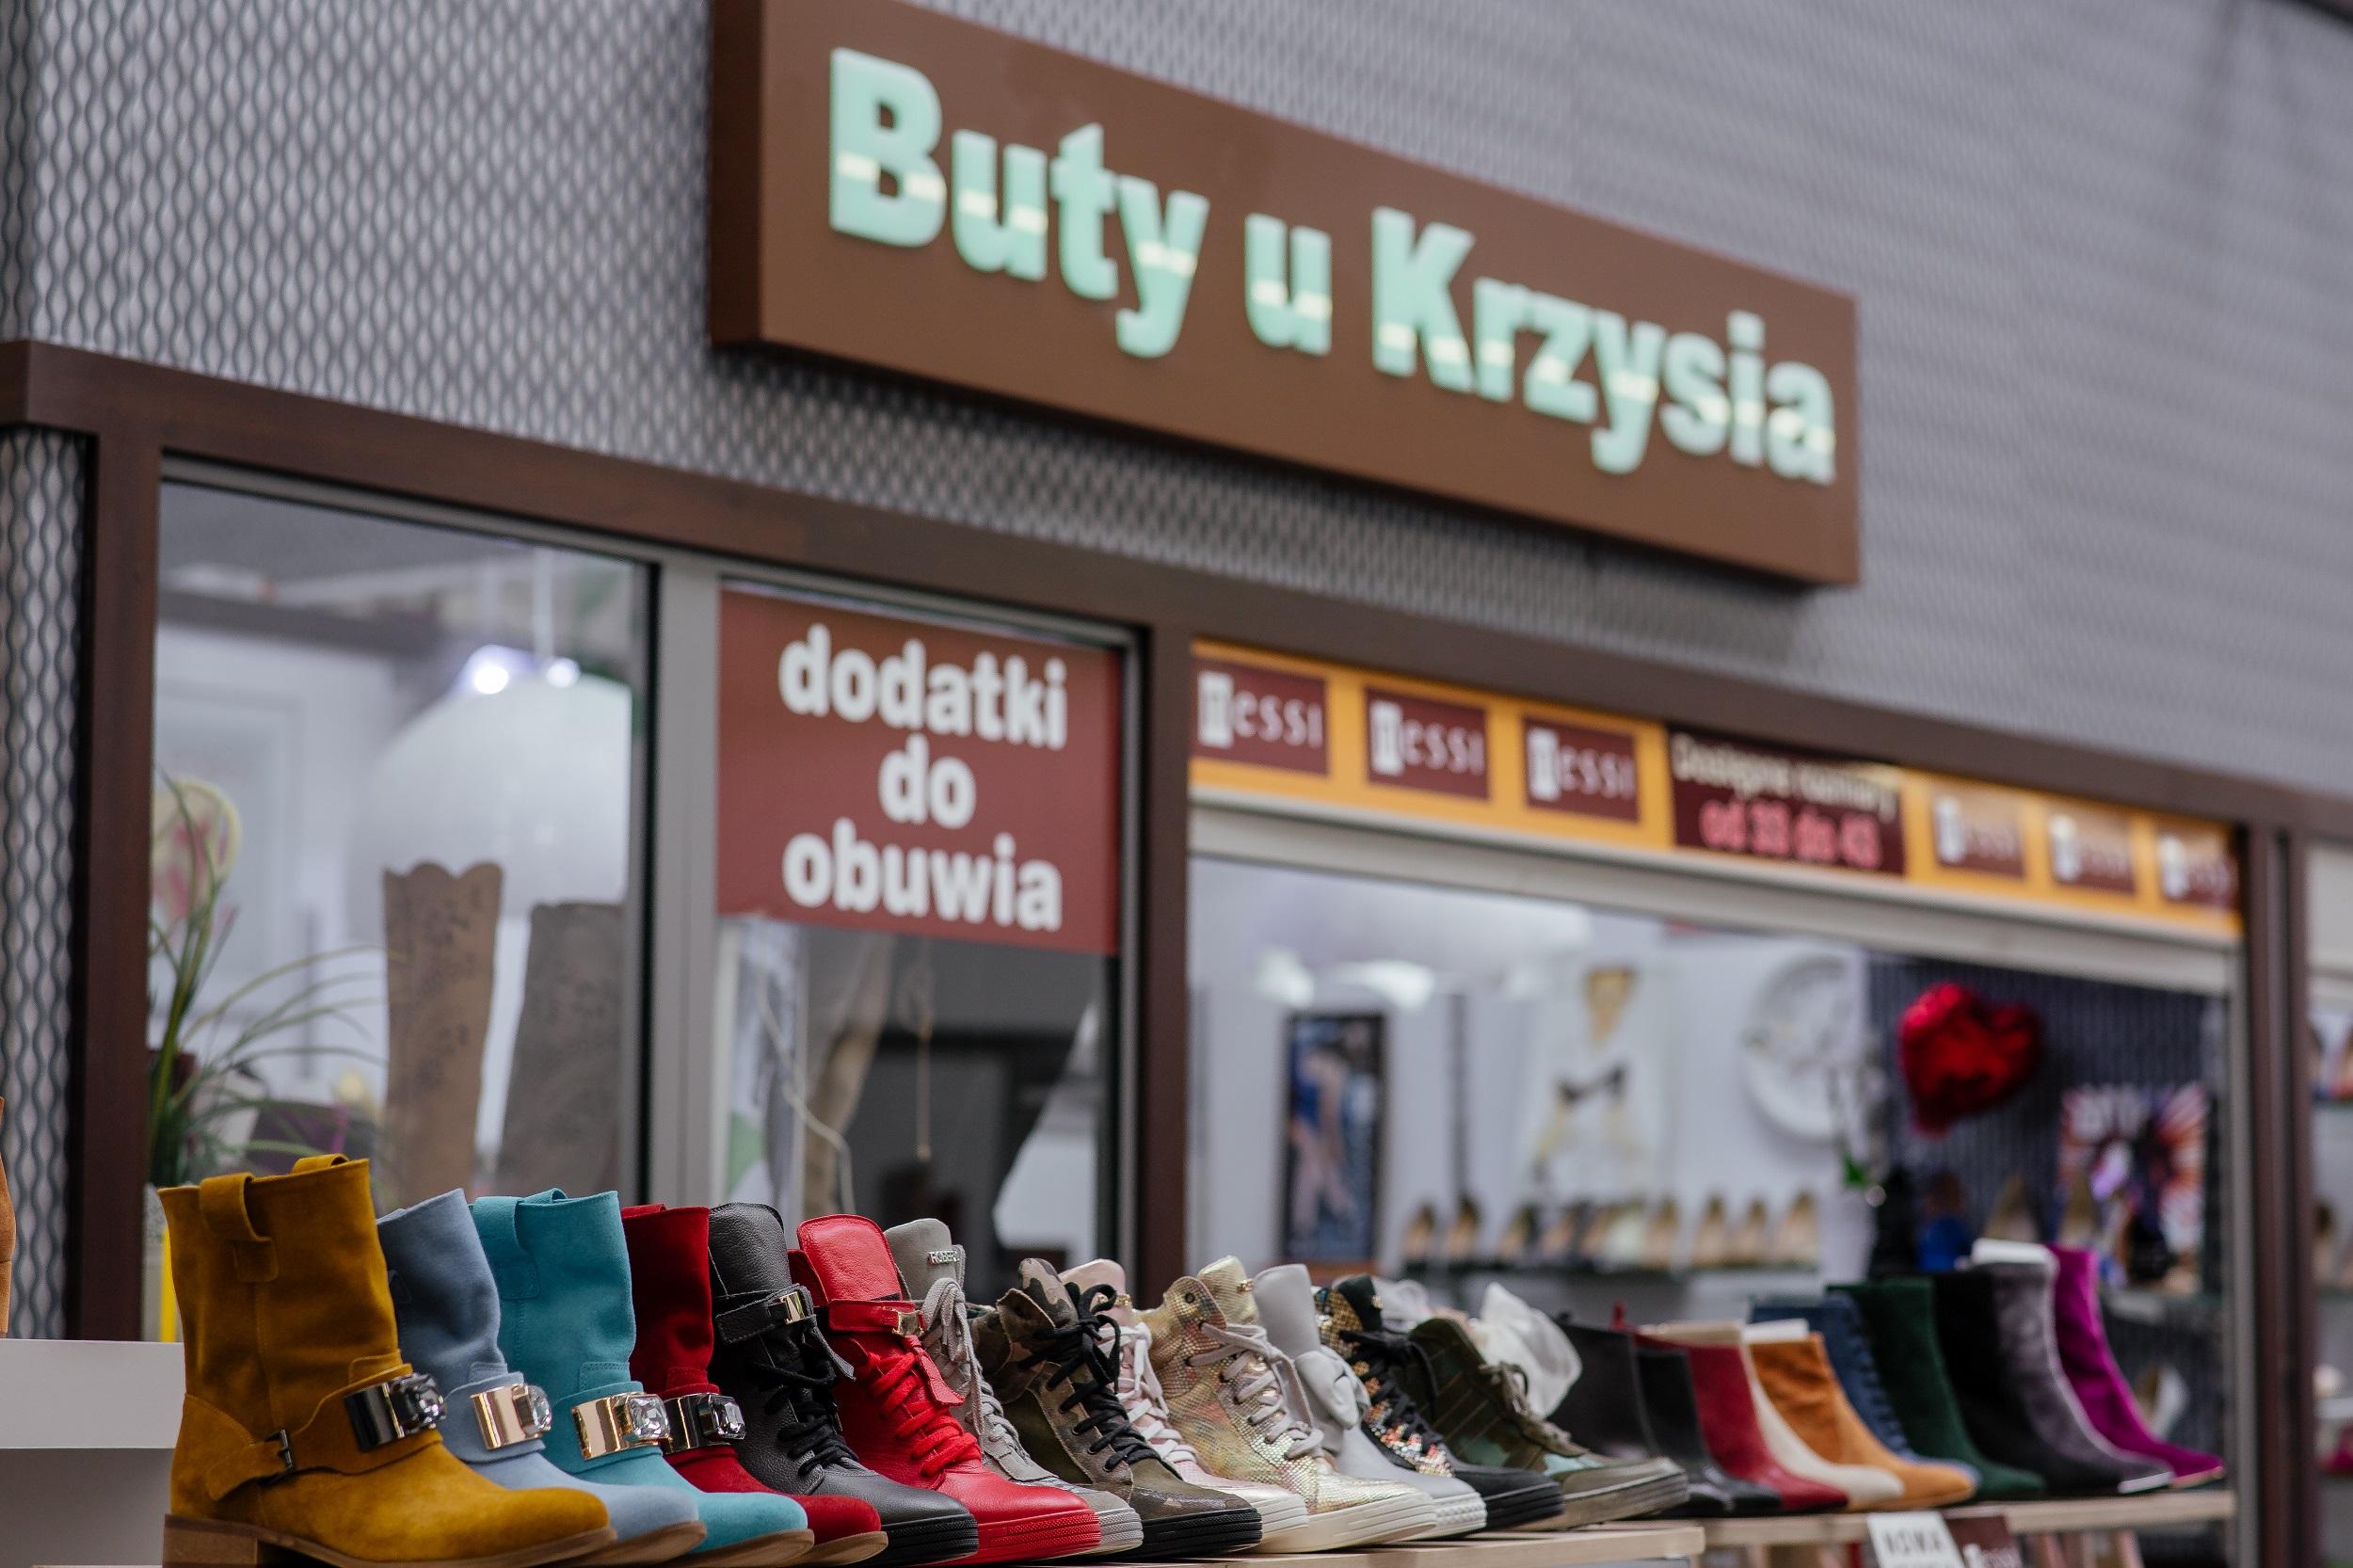 Buty u Krzysia Centrum handlowe, galeria handlowa